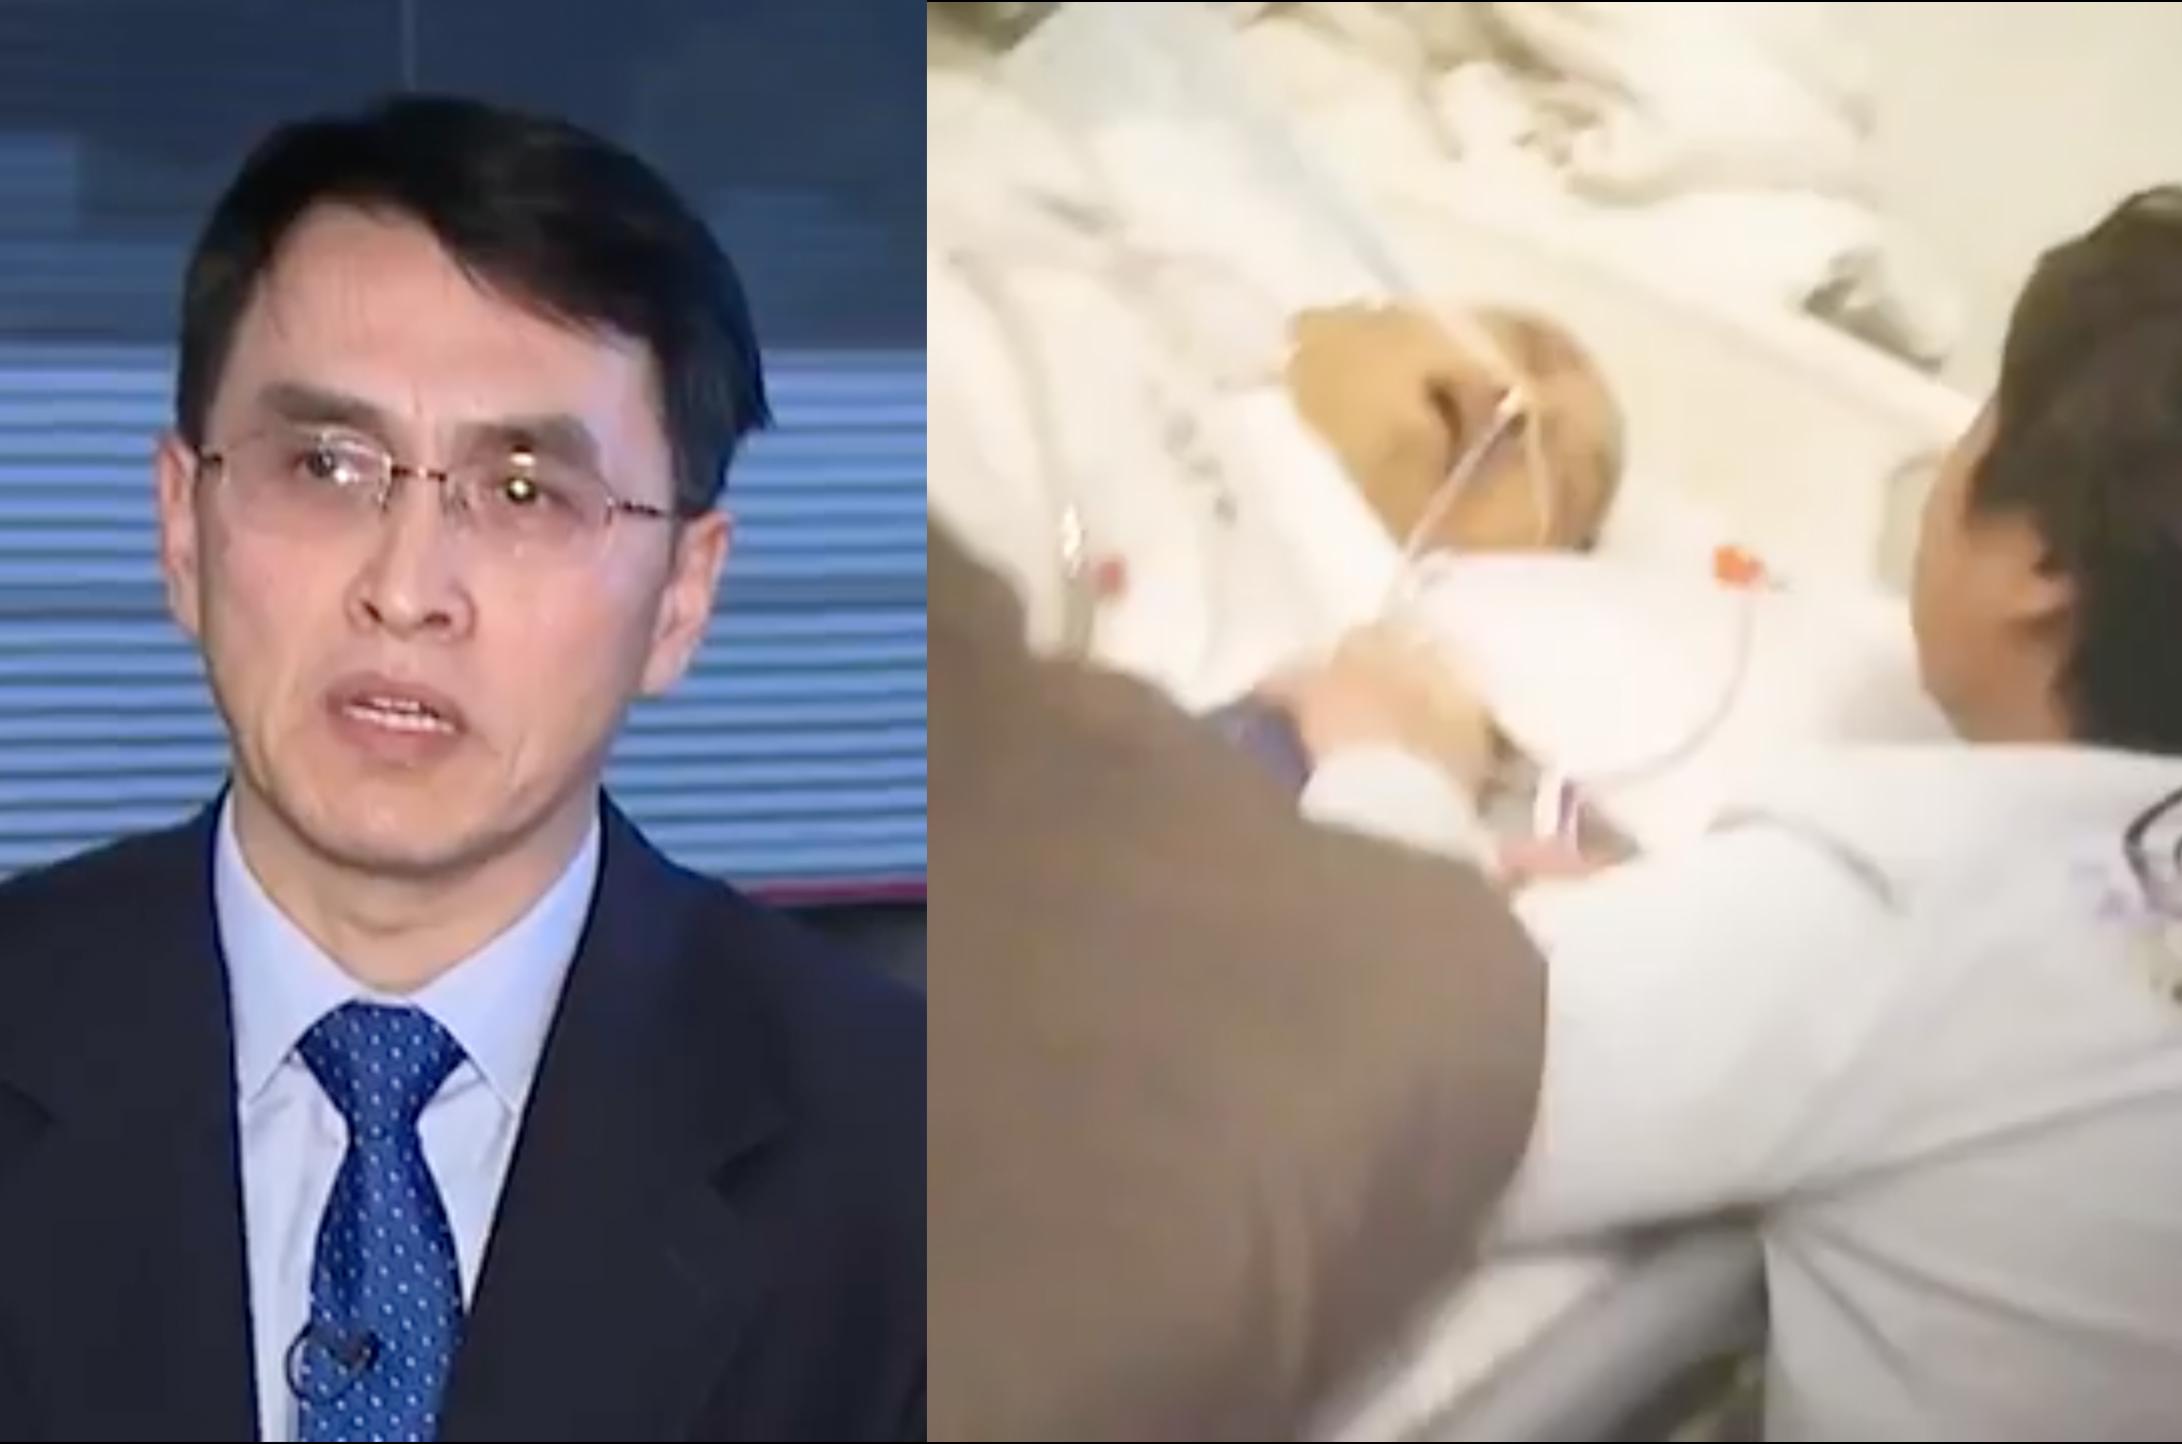 Undercover-Video offenbart unmenschliche Verfolgung von Falun Gong-Praktizierenden in China